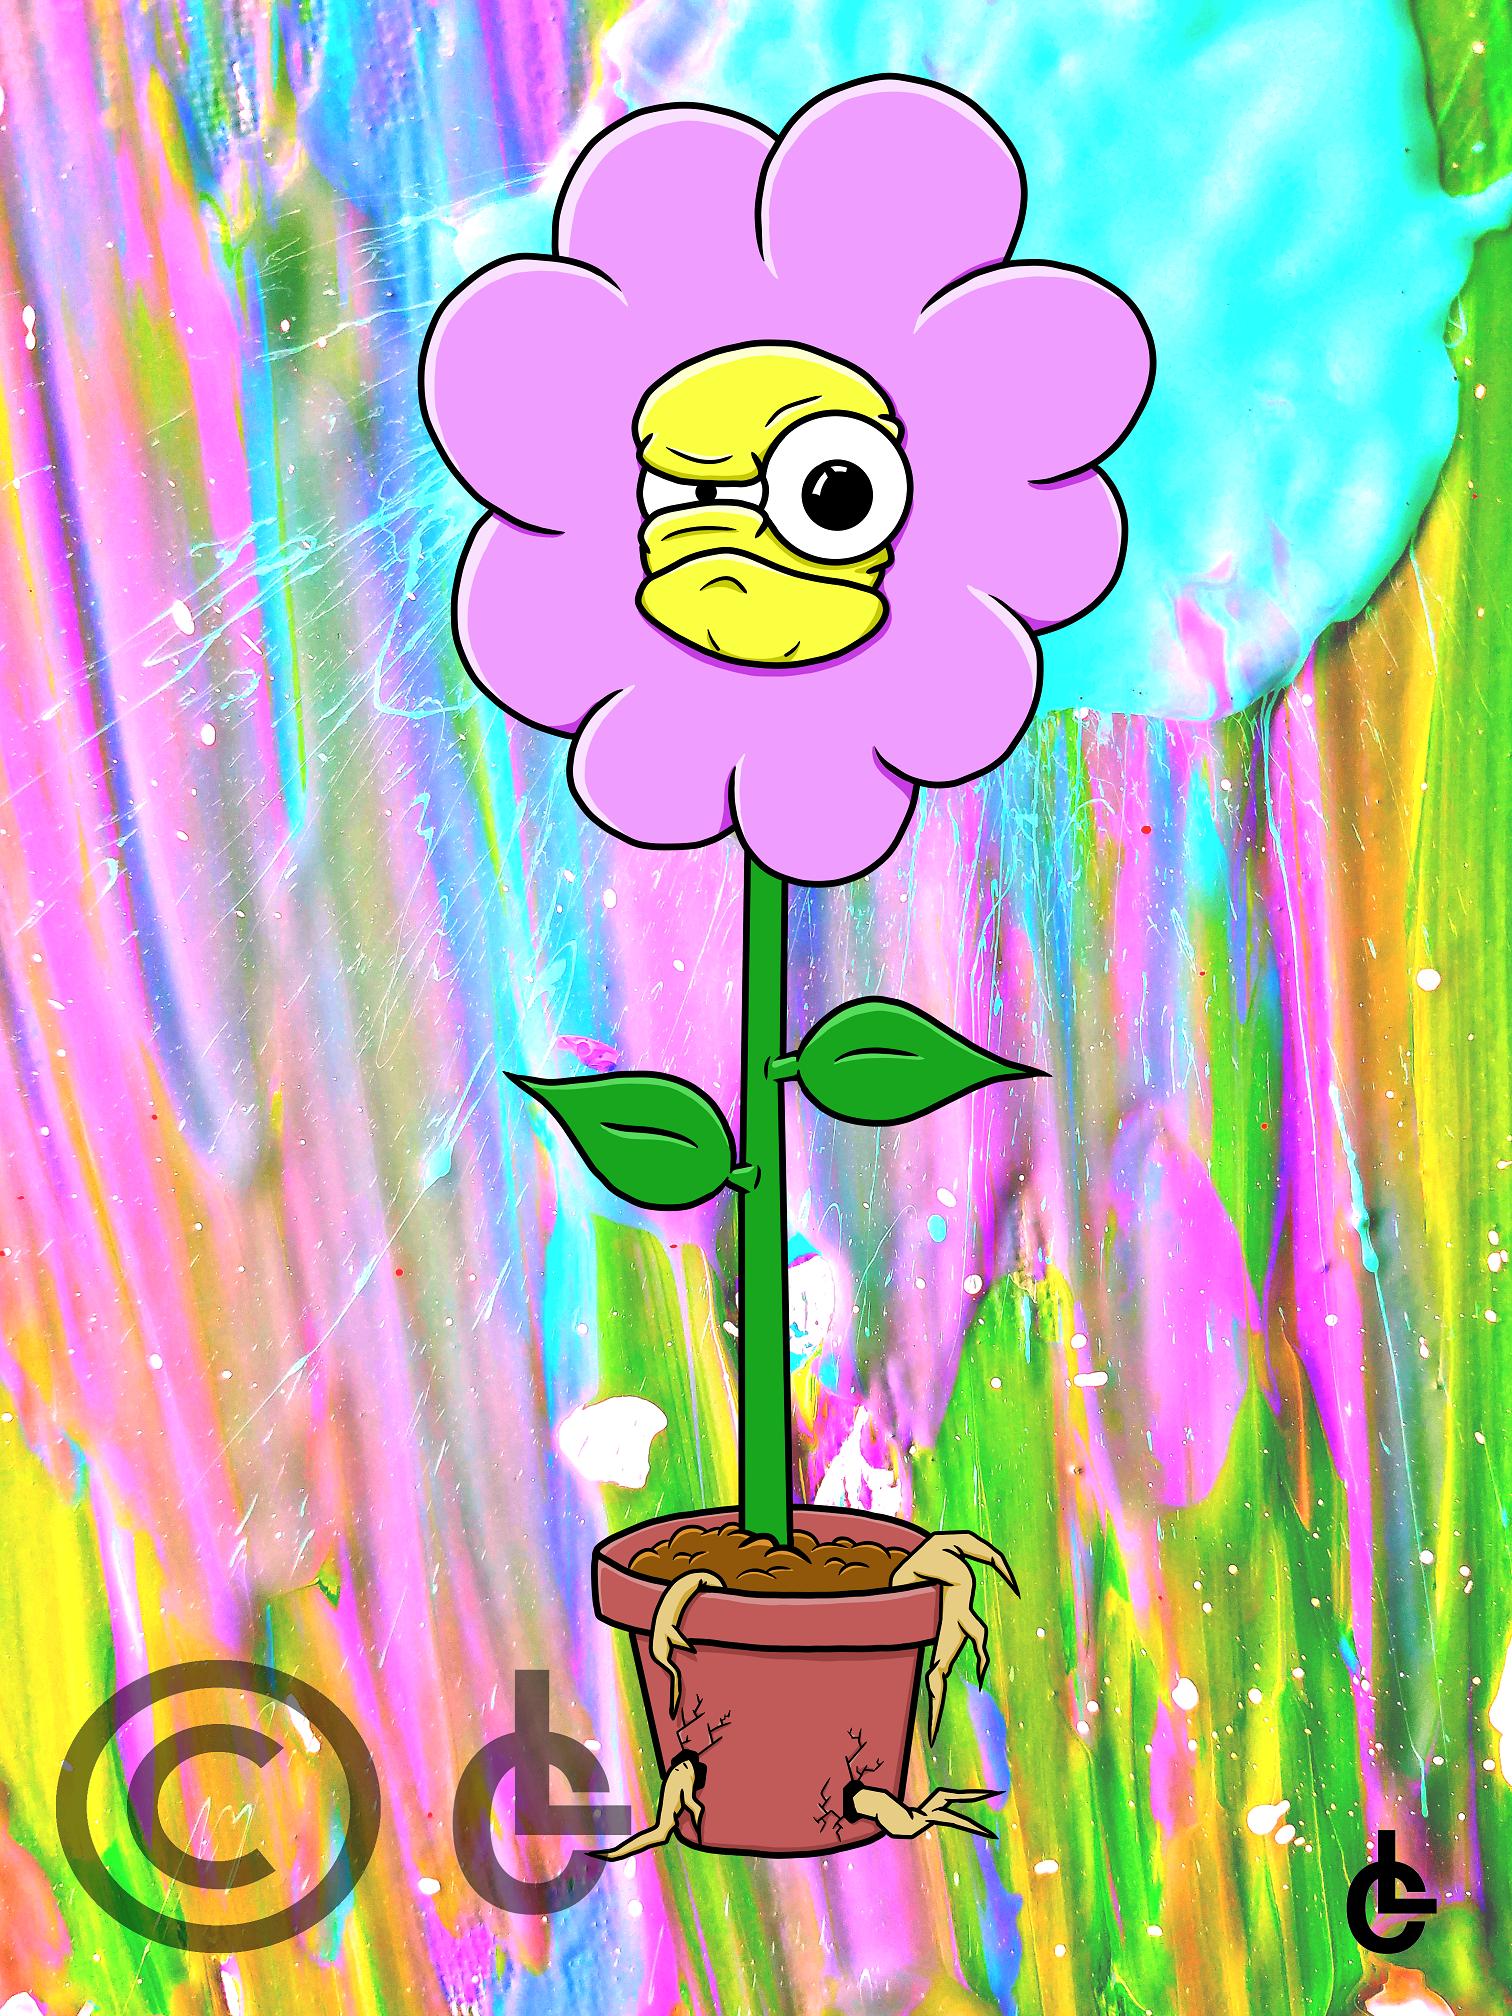 overgrown wm.png